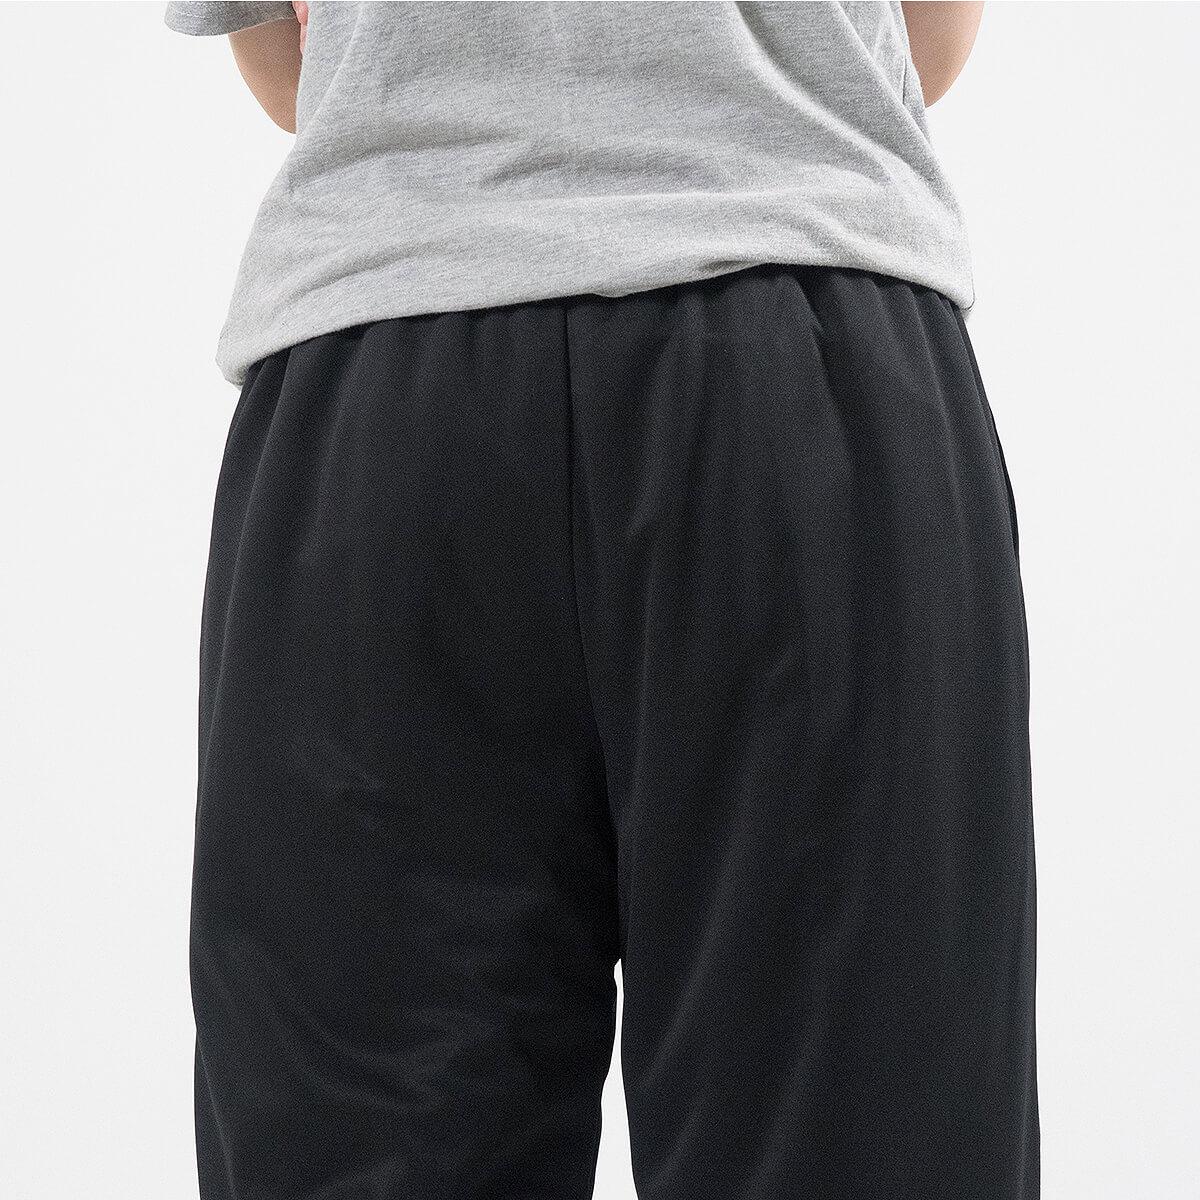 加大尺碼防潑水長褲 保暖台灣製長褲 防風休閒長褲 褲管無縮口彈性長褲 大尺碼男裝 全腰圍鬆緊帶休閒褲 黑色長褲 Made In Taiwan Big And Tall Water Repellent Pants Casual Pants (310-2056-08)深藍色、(310-2056-21)黑色、(310-2056-22)深灰色 4L 5L (腰圍:97~119公分  /  38~47英吋) 男女可穿 [實體店面保障] sun-e 8